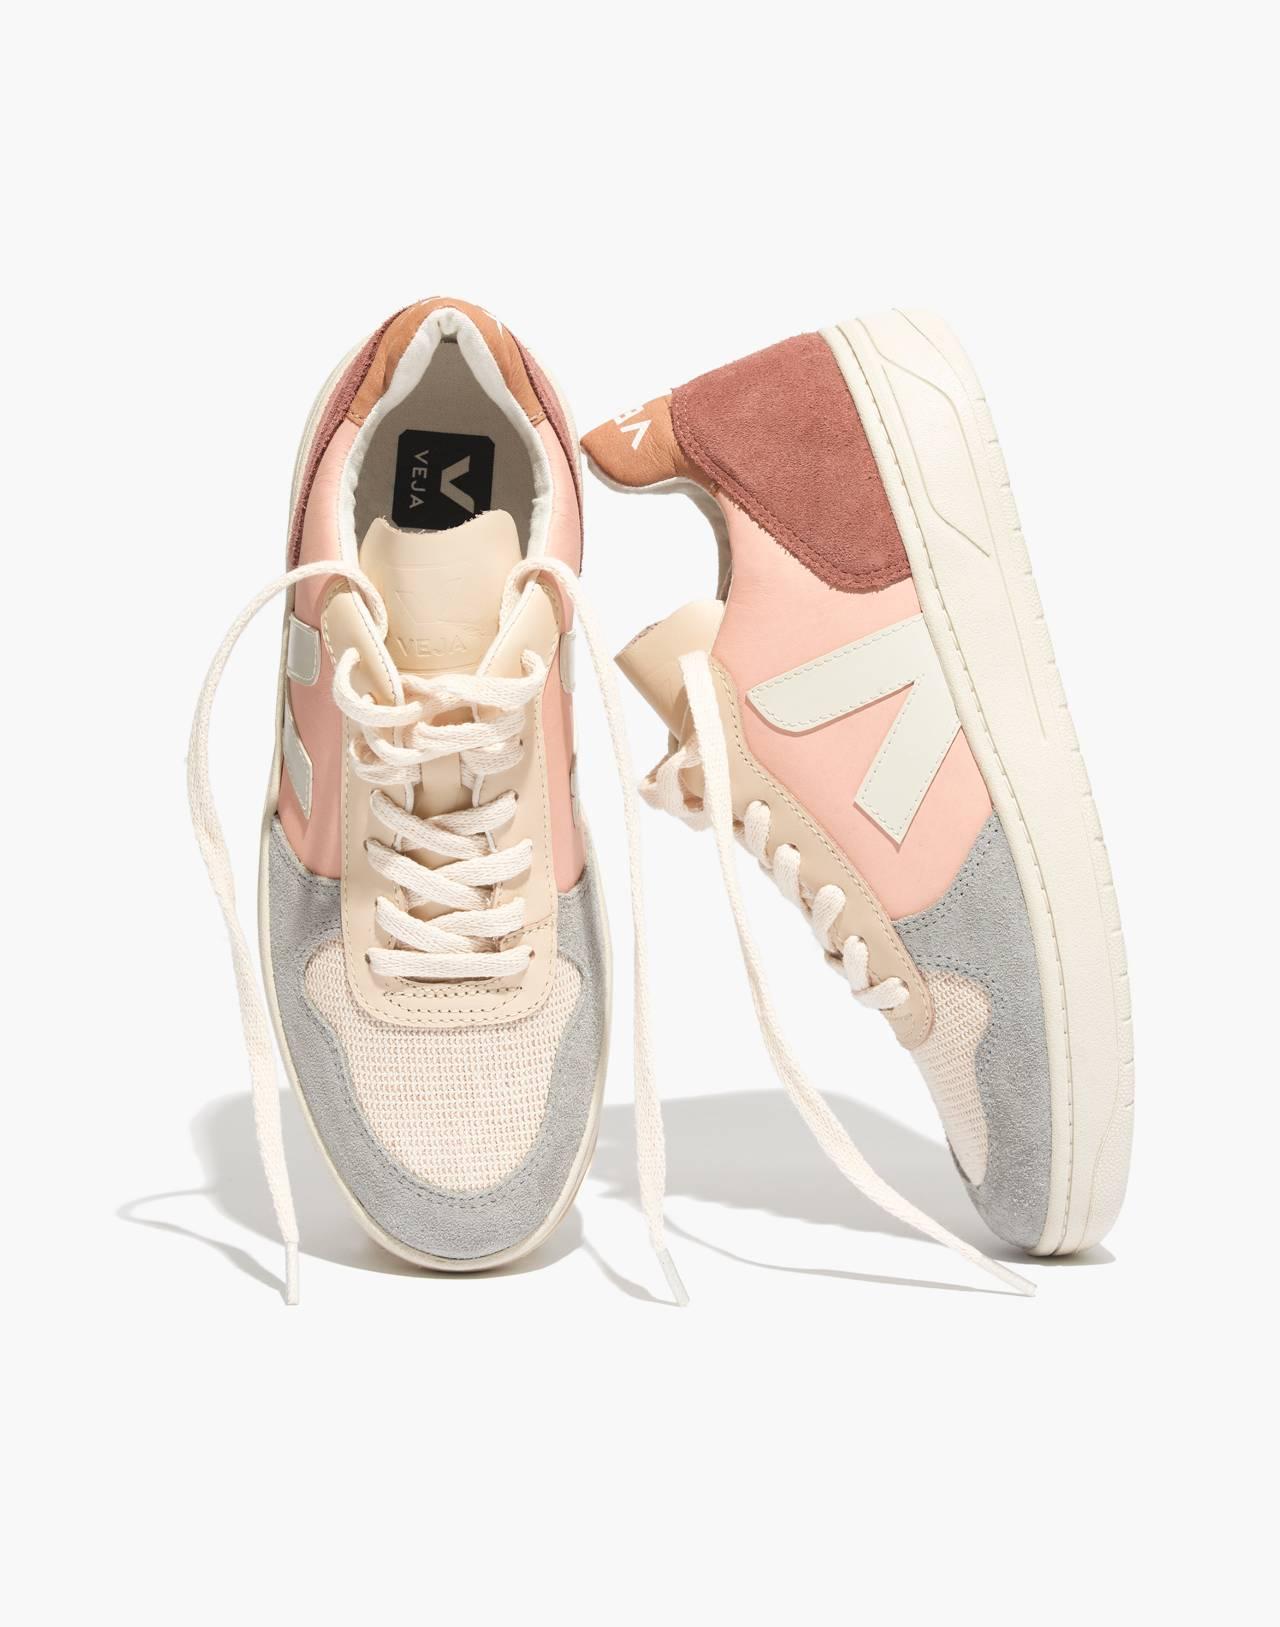 Veja™ V-10 Sneakers in Colorblock in nude multi image 1